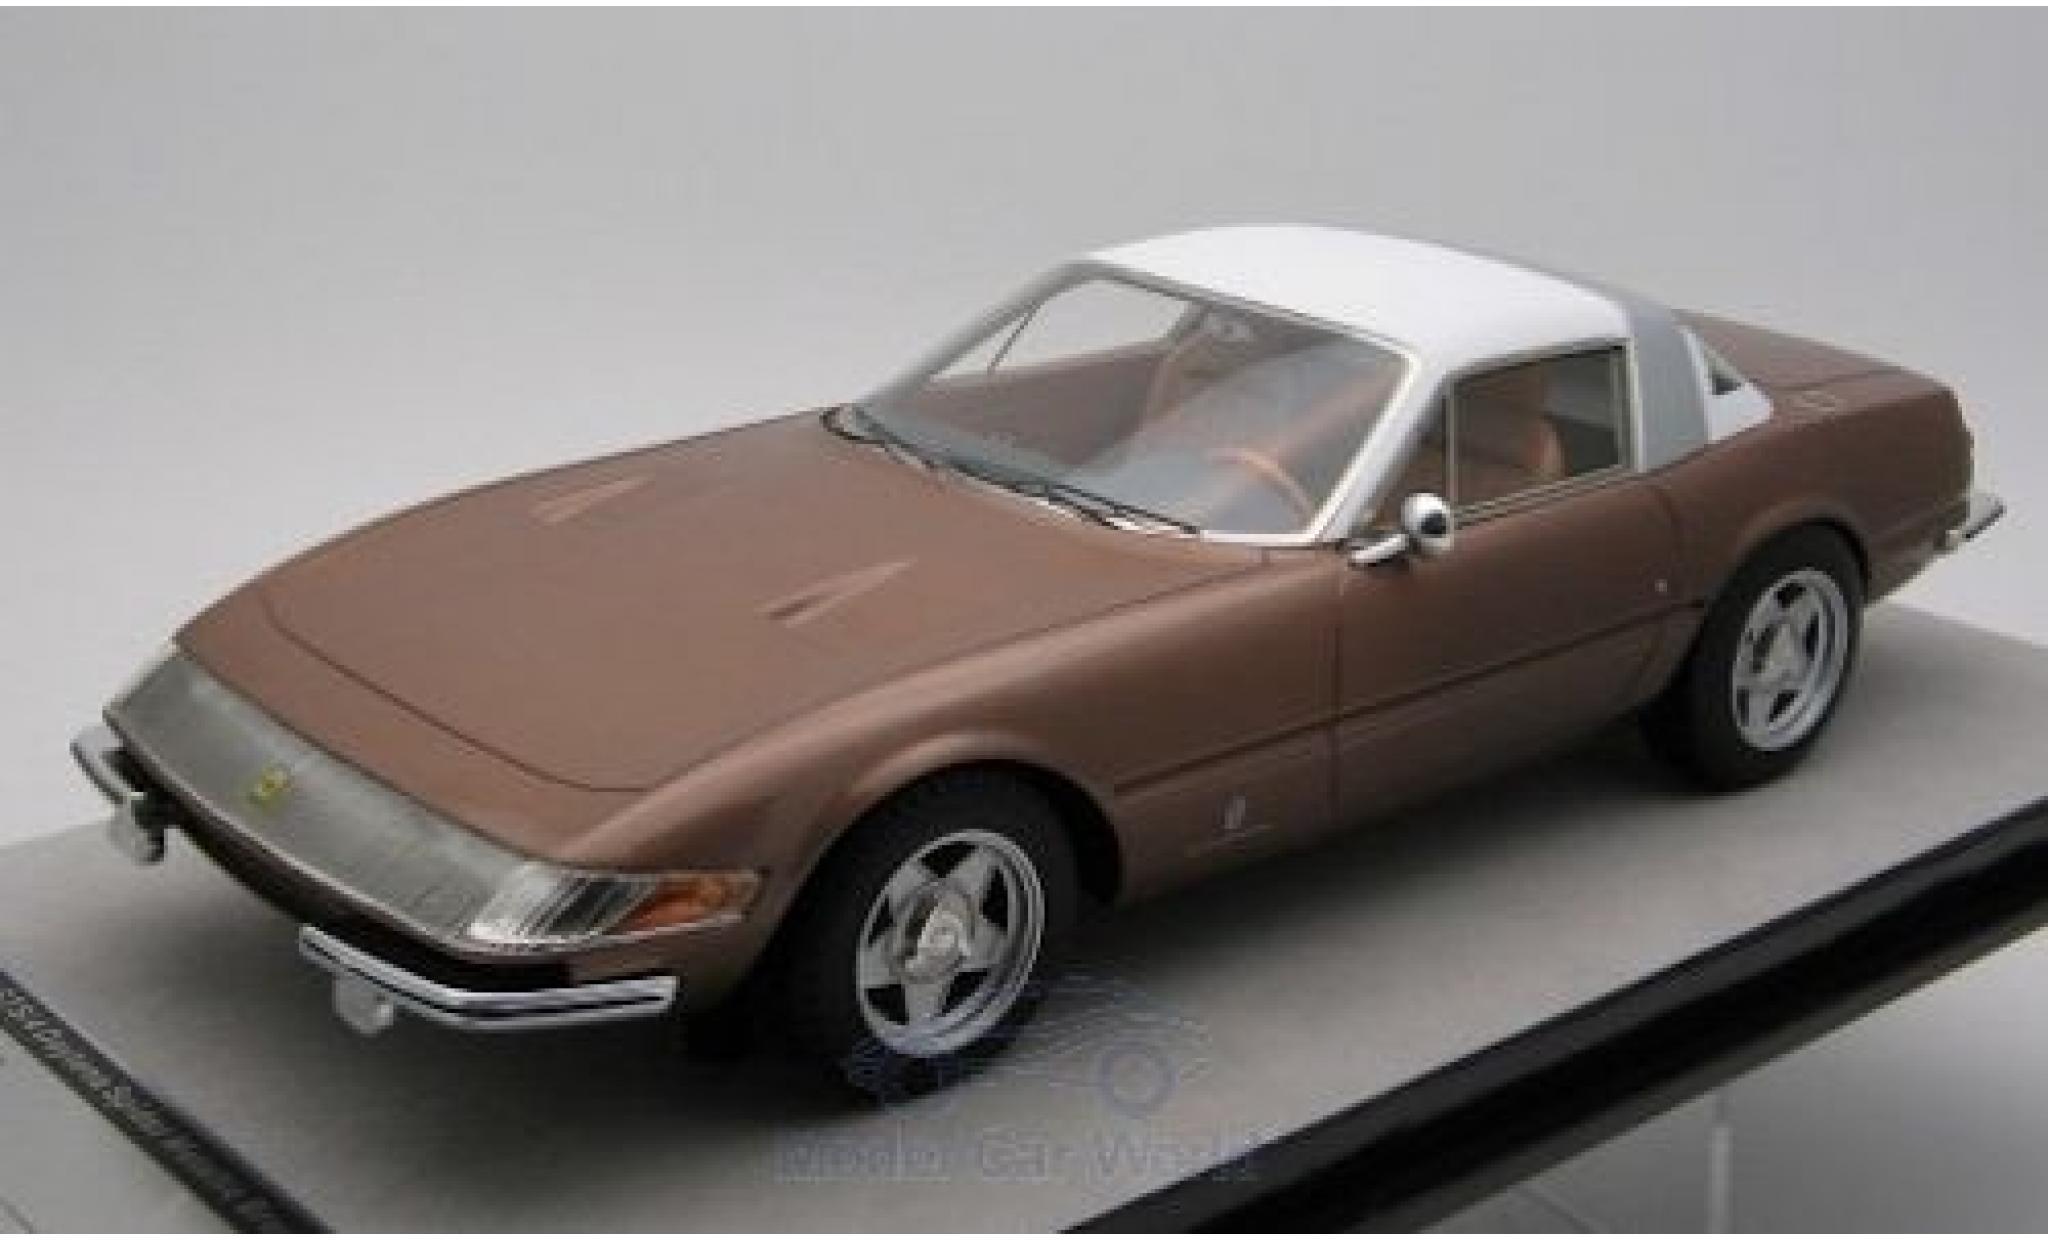 Ferrari 365 1/18 Tecnomodel GTB/4 Daytona Coupe Speciale metallise bronze/weiss 1969